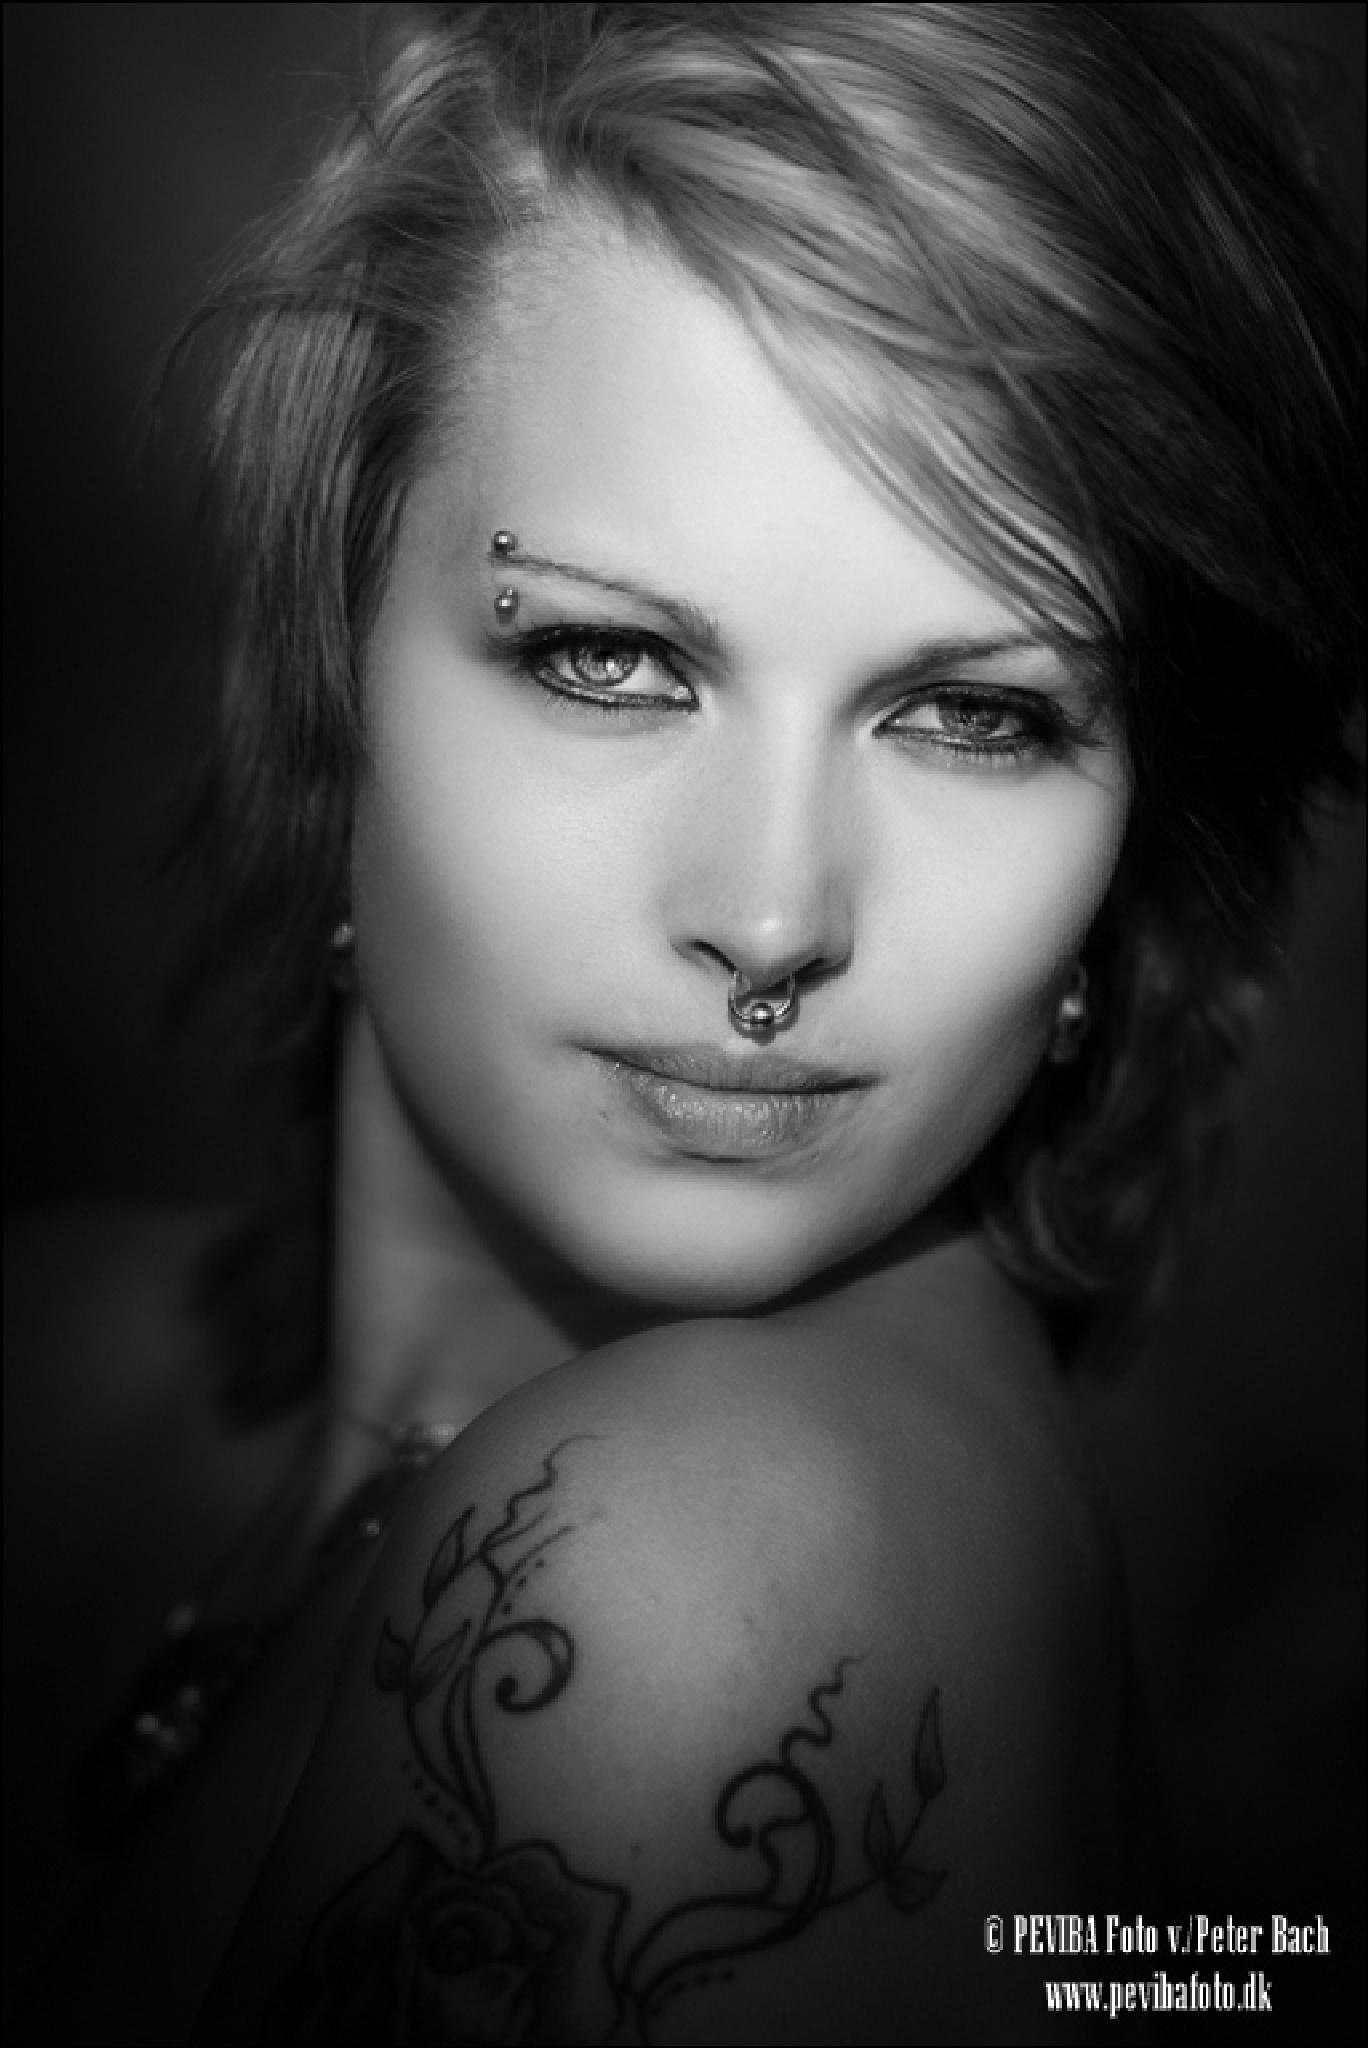 Helle Nielsen by PEVIBA Foto